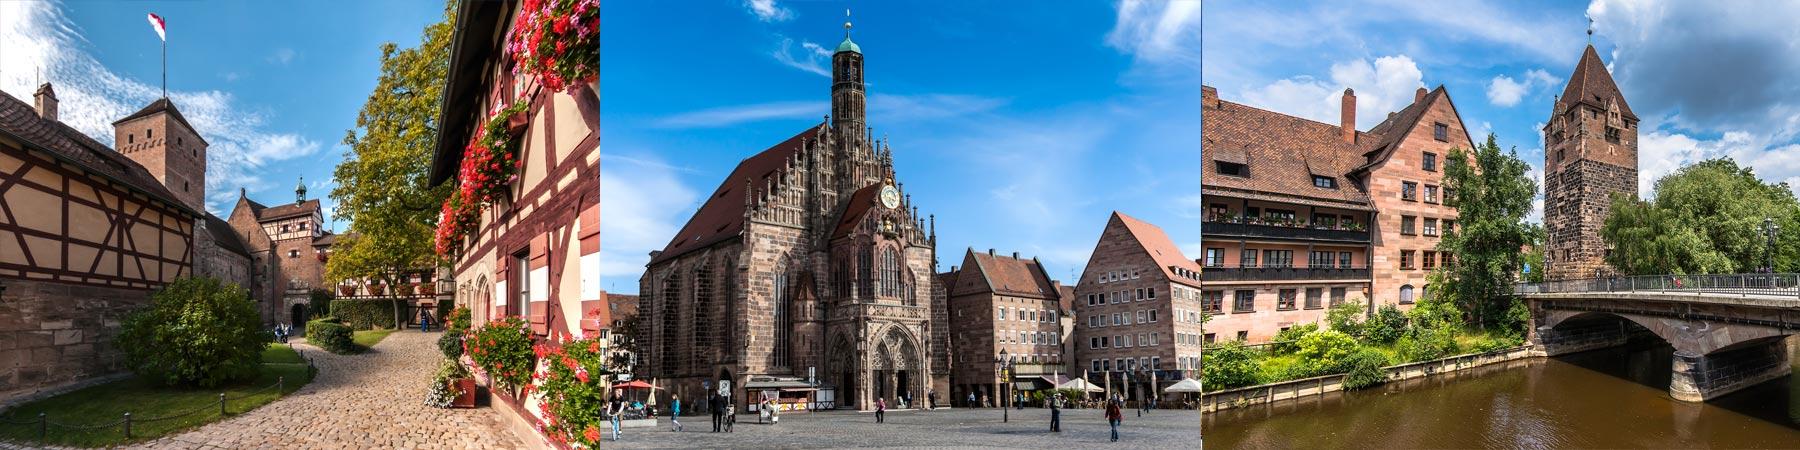 Экскурсии по Германии8